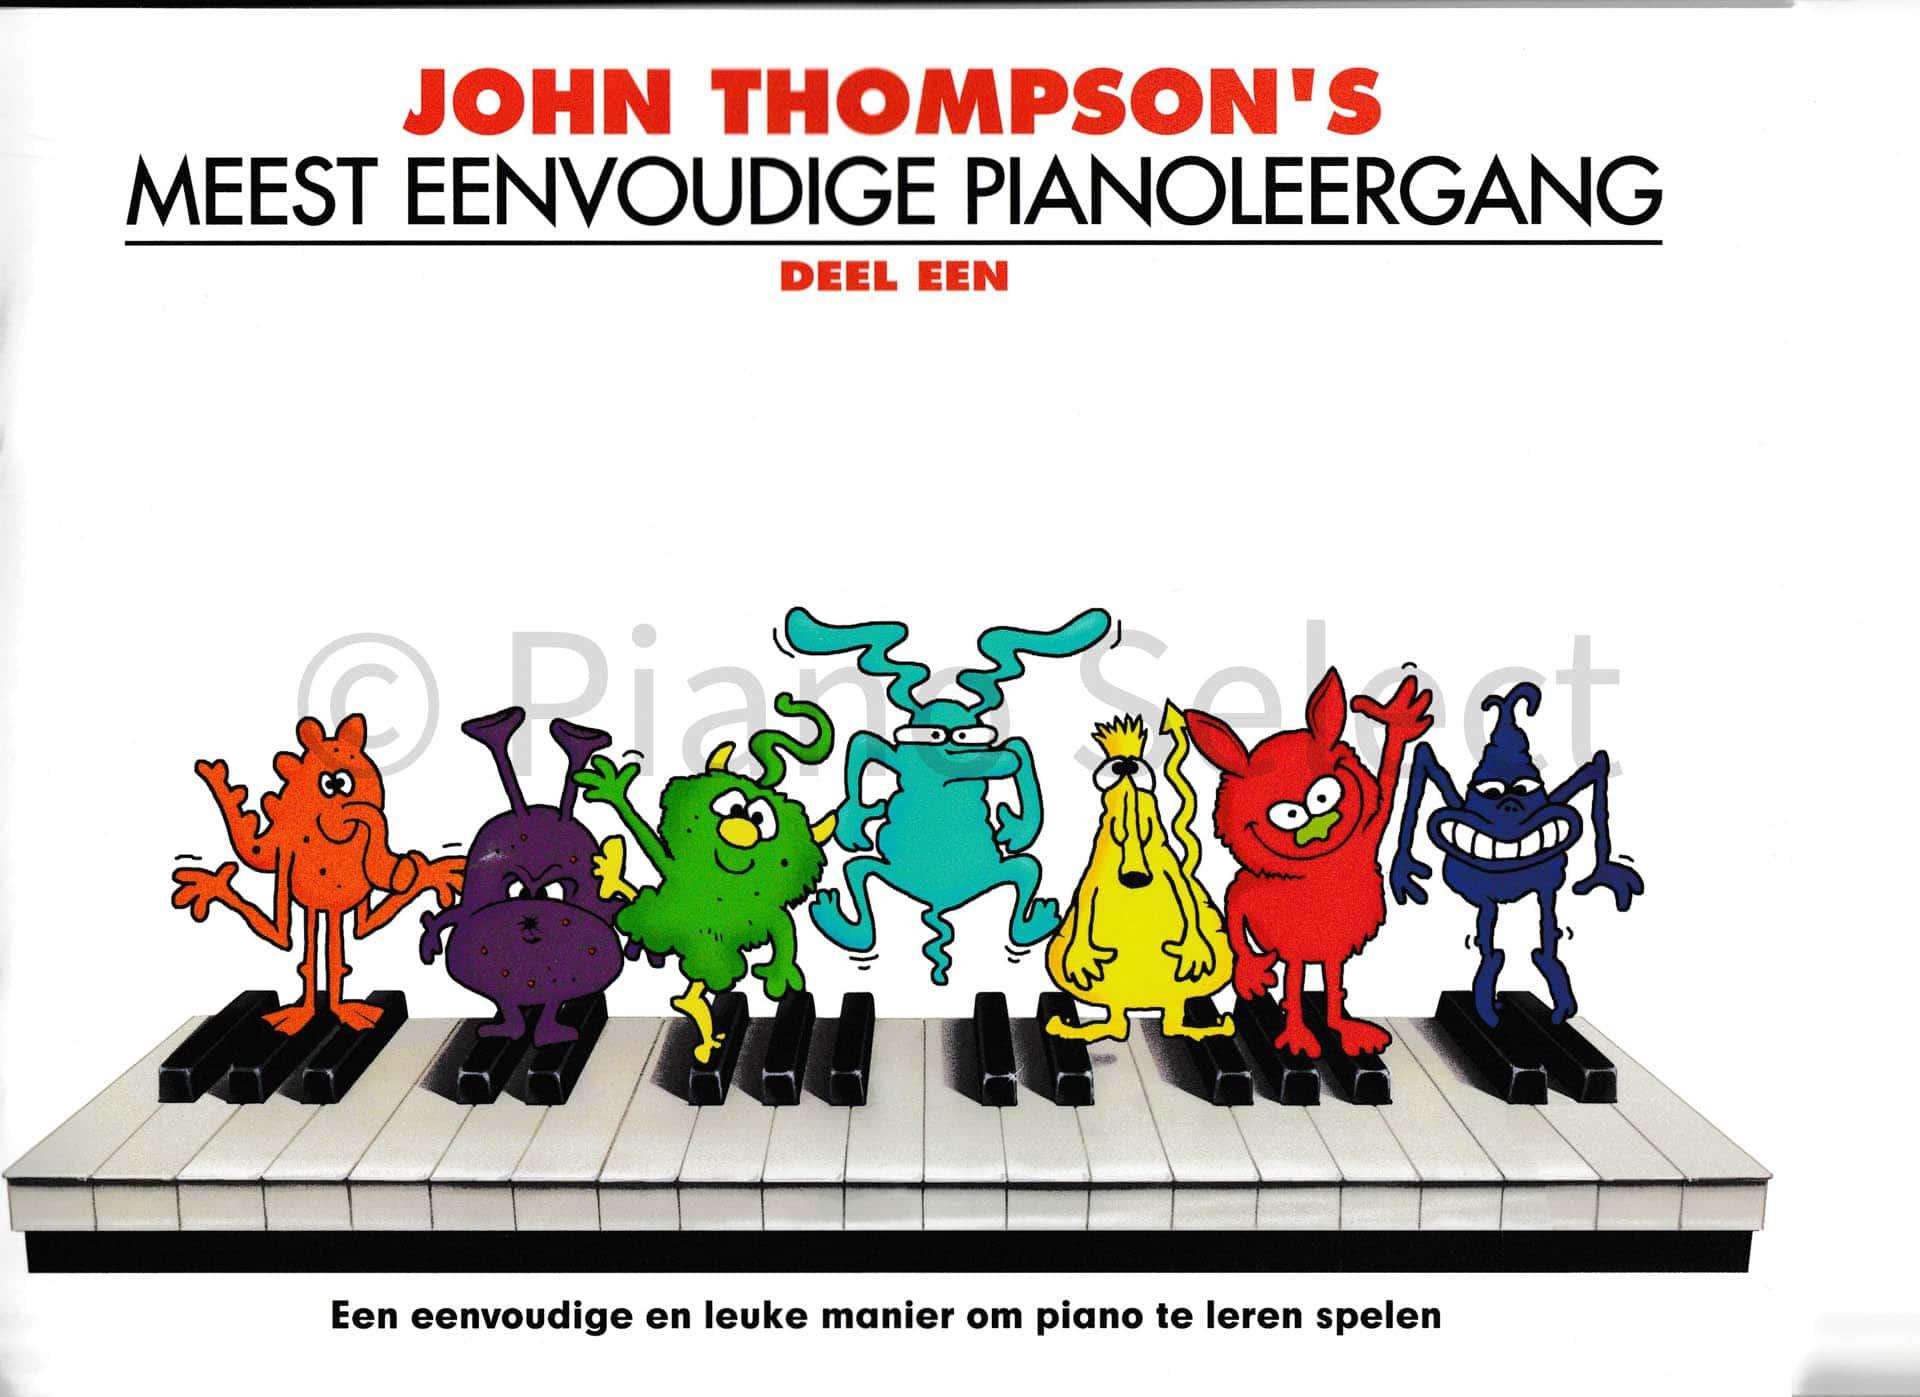 John Thompsons Meest eenvoudige pianoleergang 1